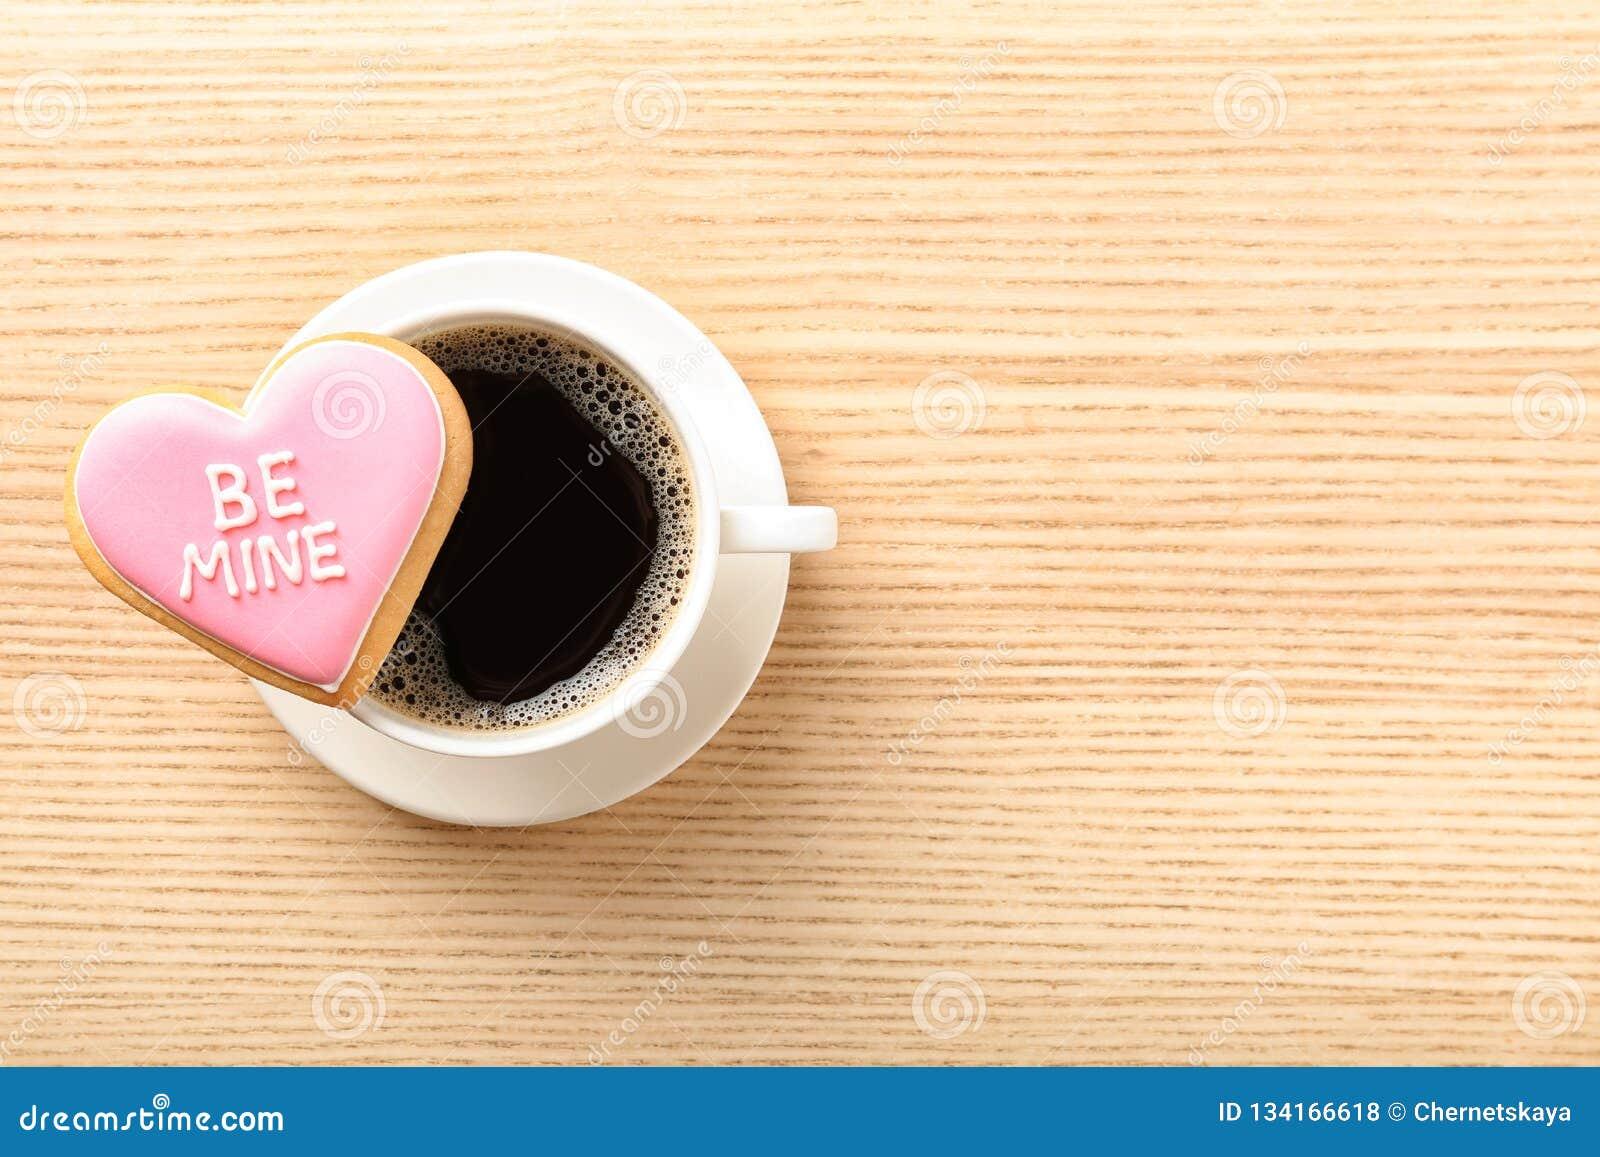 Η καρδιά διαμόρφωσε το μπισκότο με τη γραπτή φράση είναι ορυχείο και φλιτζάνι του καφέ στο ξύλινο υπόβαθρο, τοπ άποψη